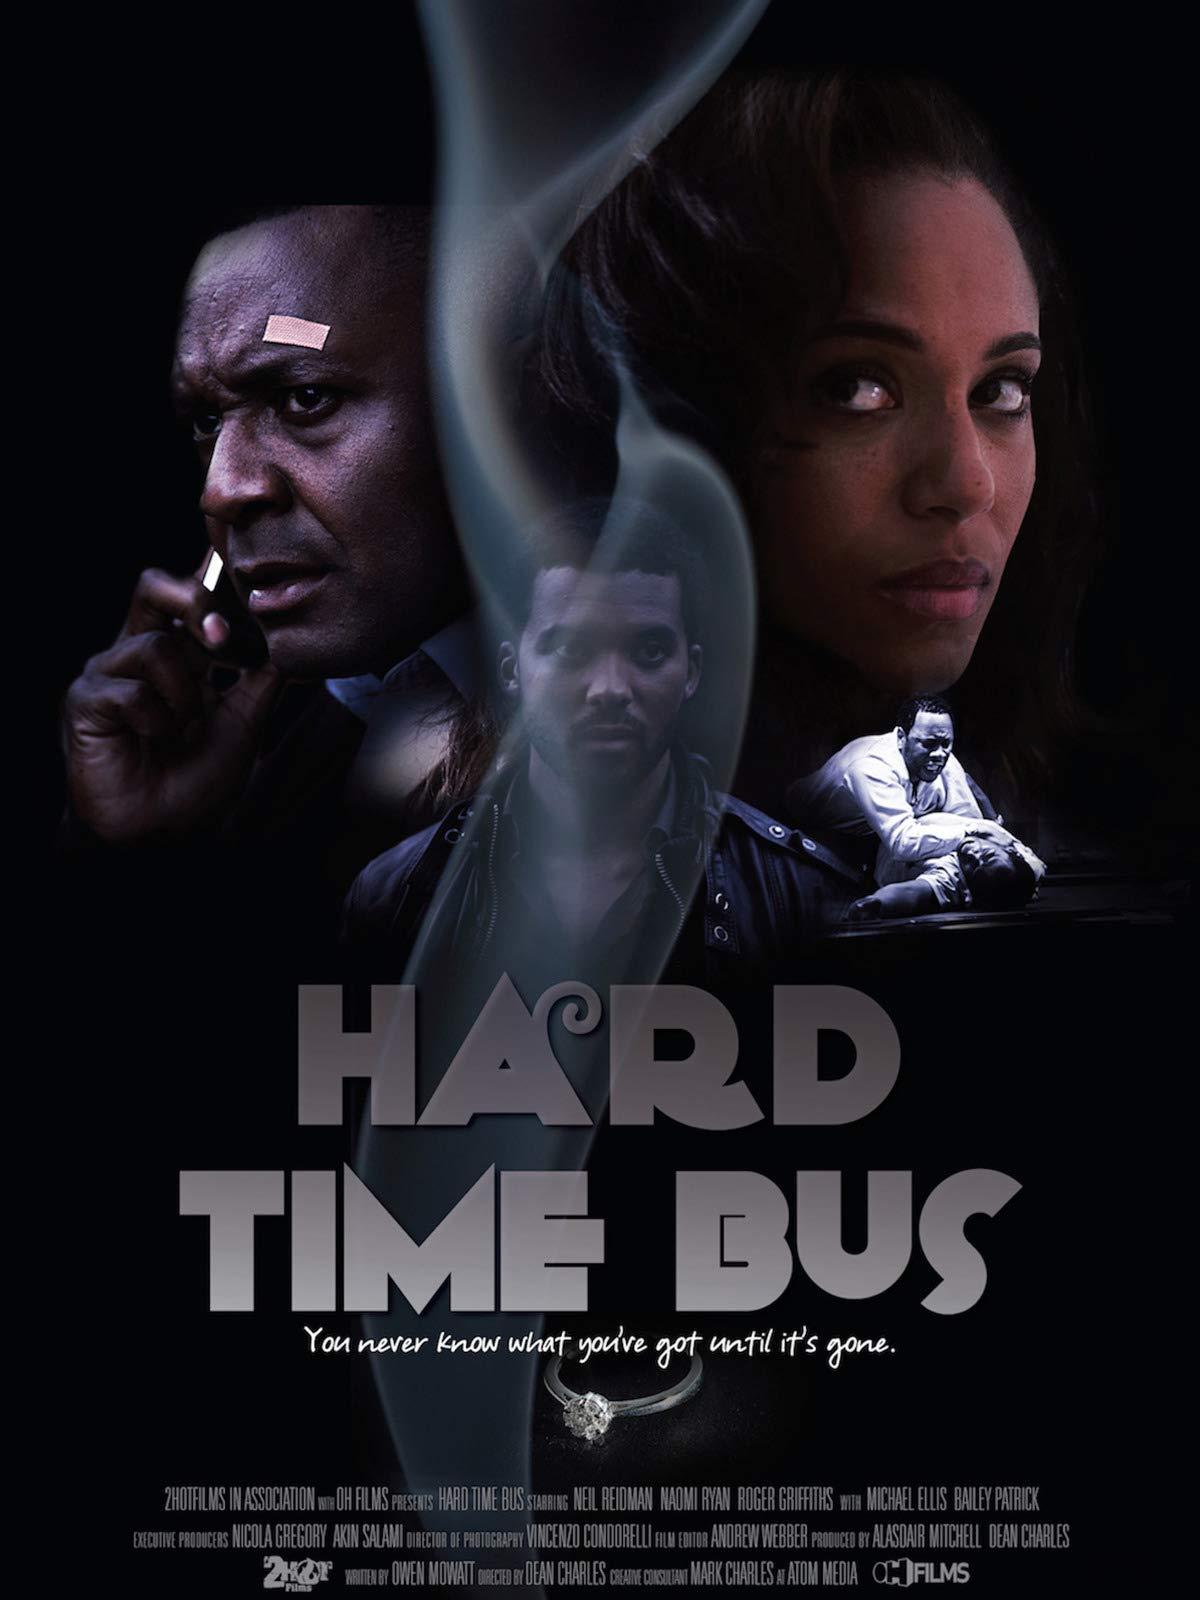 Hard Time Bus